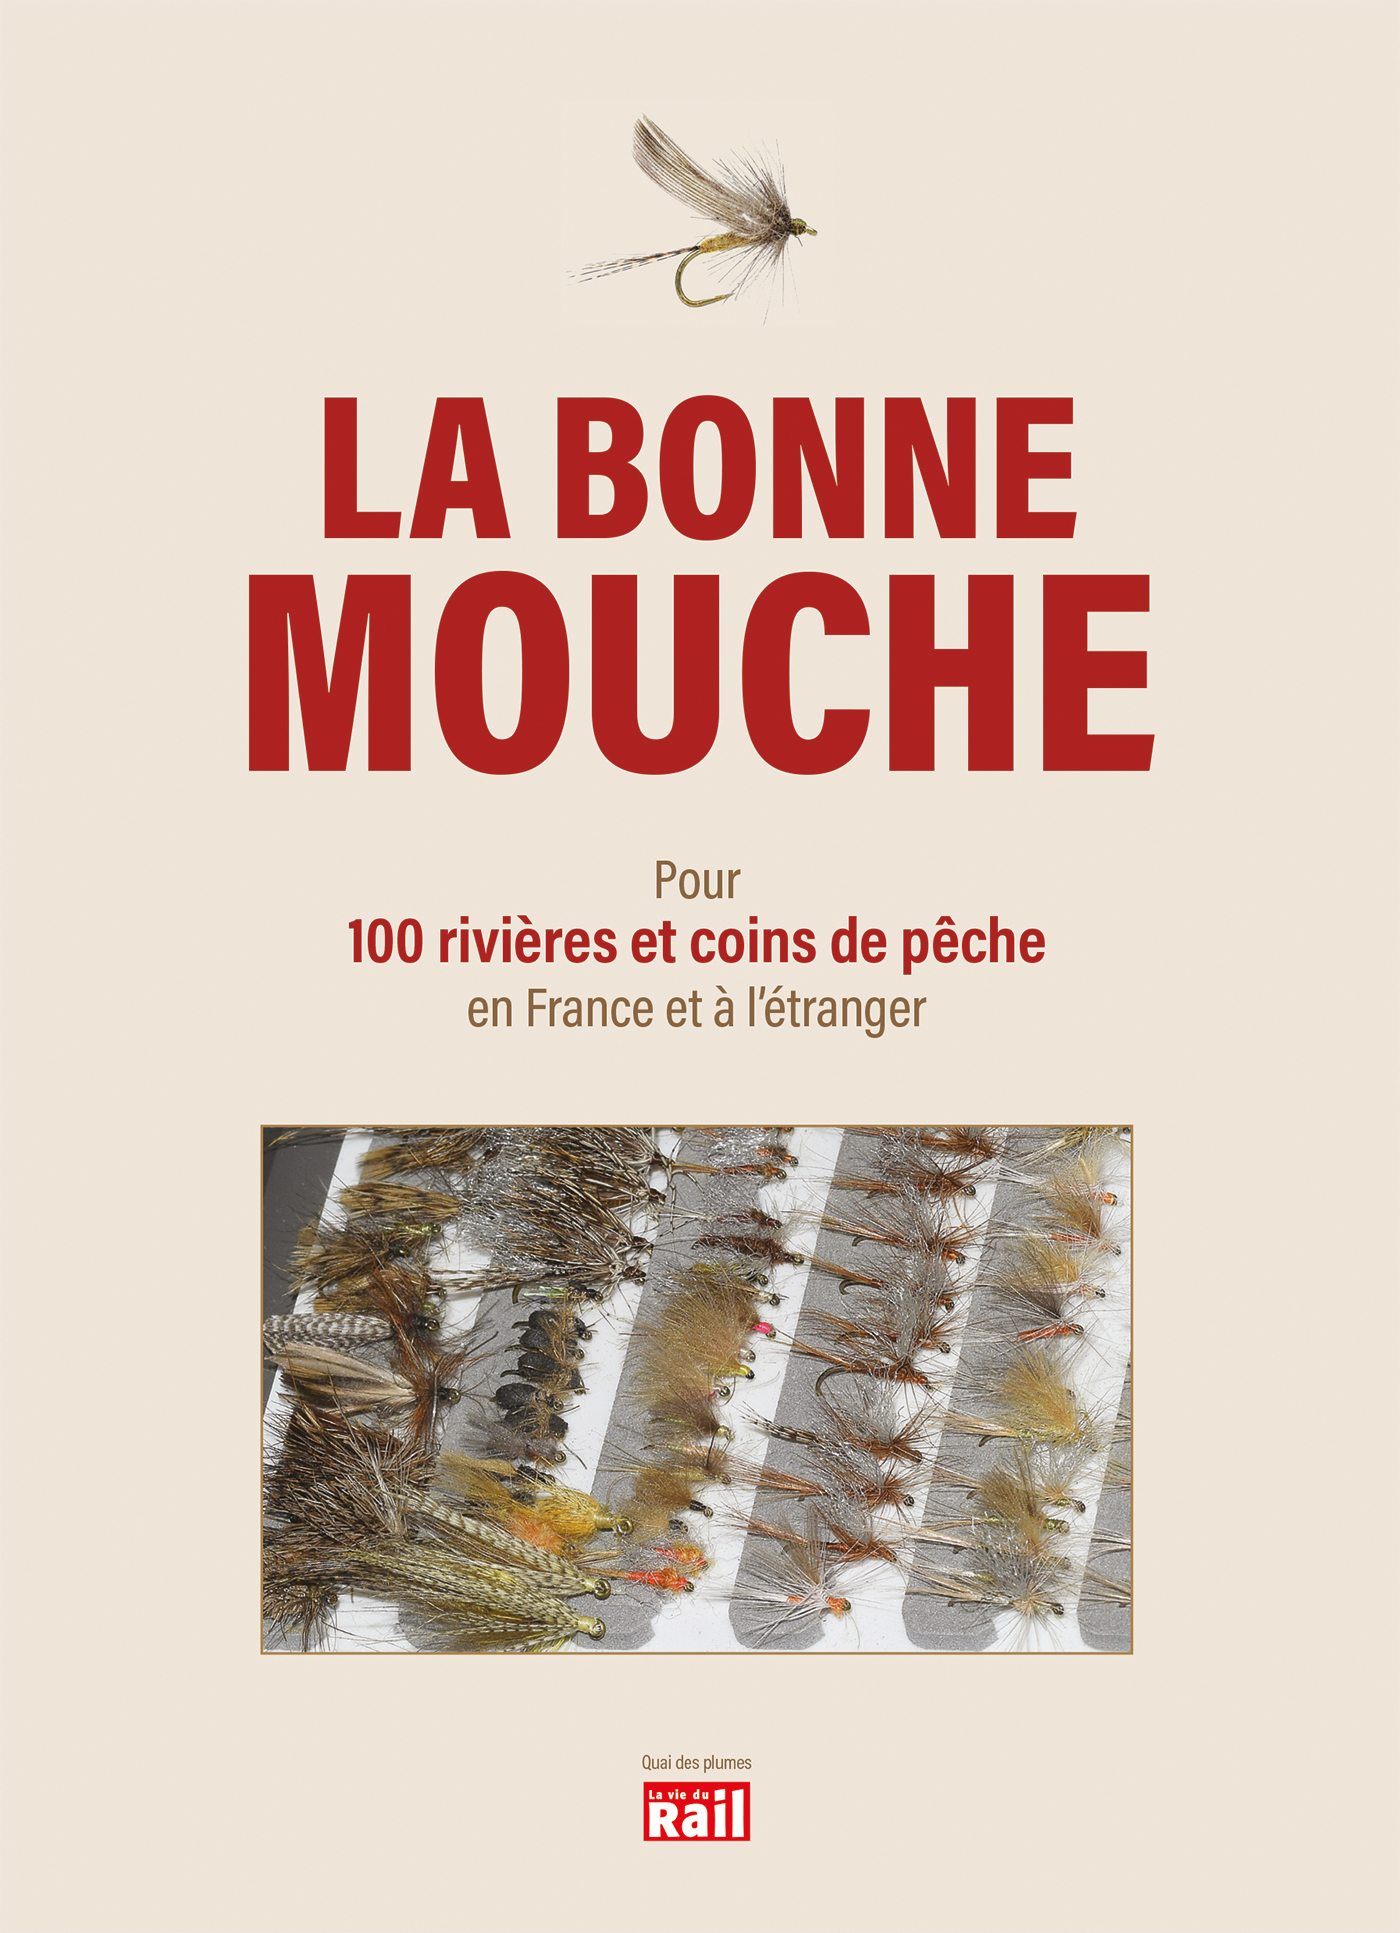 LA BONNE MOUCHE - QUELLES MOUCHES UTILISER POUR 100 RIVIERES ET COINS DE PECHE EN FRANCE ET A L'ETRA